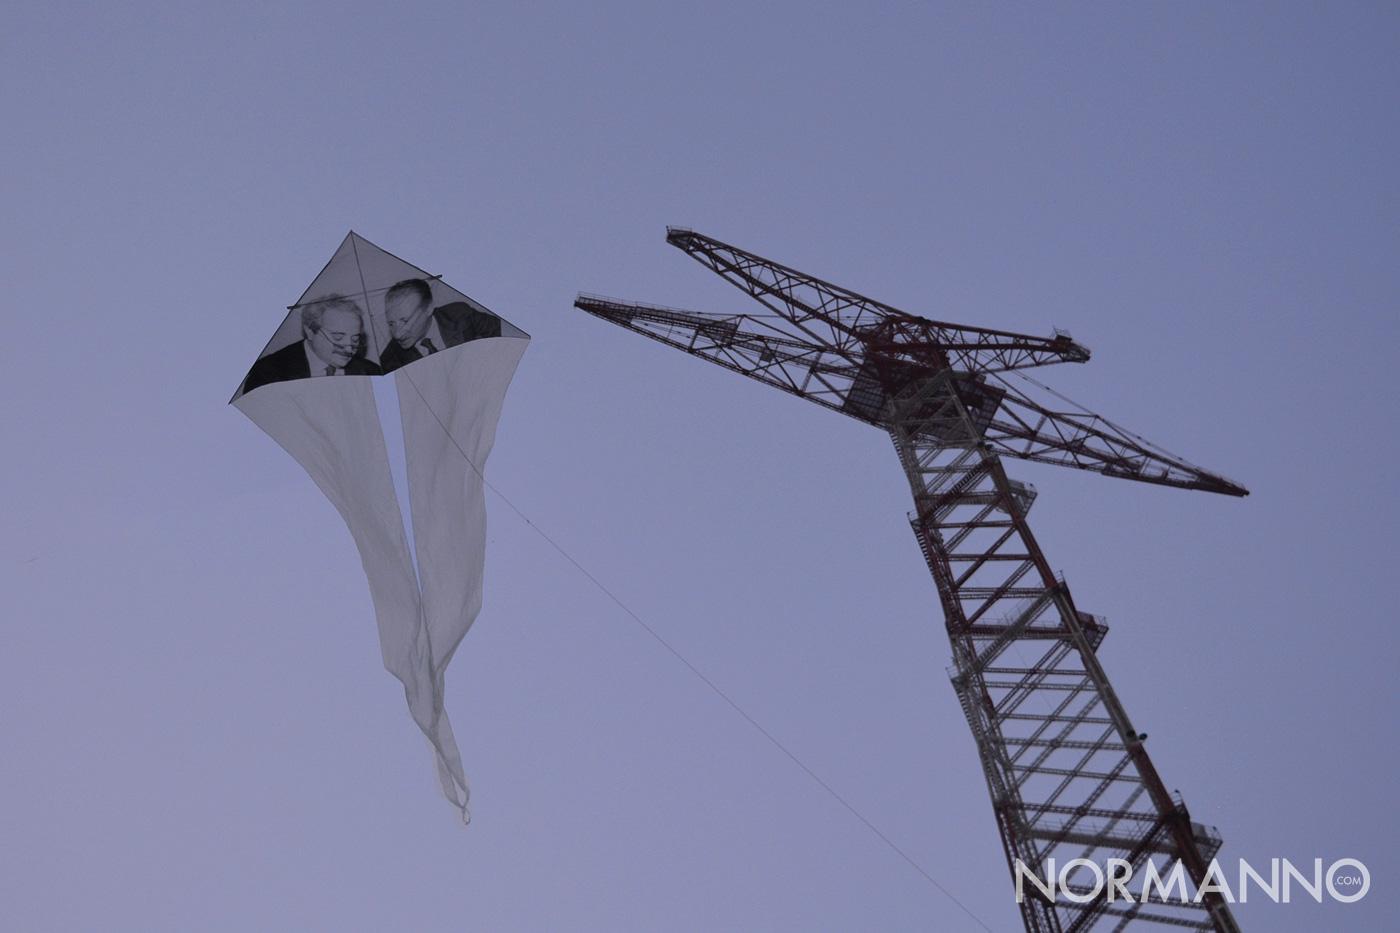 Foto dell'aquilone dedicato a Falcone e Borsellino sotto il Pilone al Festival degli Aquiloni 2019 - Capo Peloro